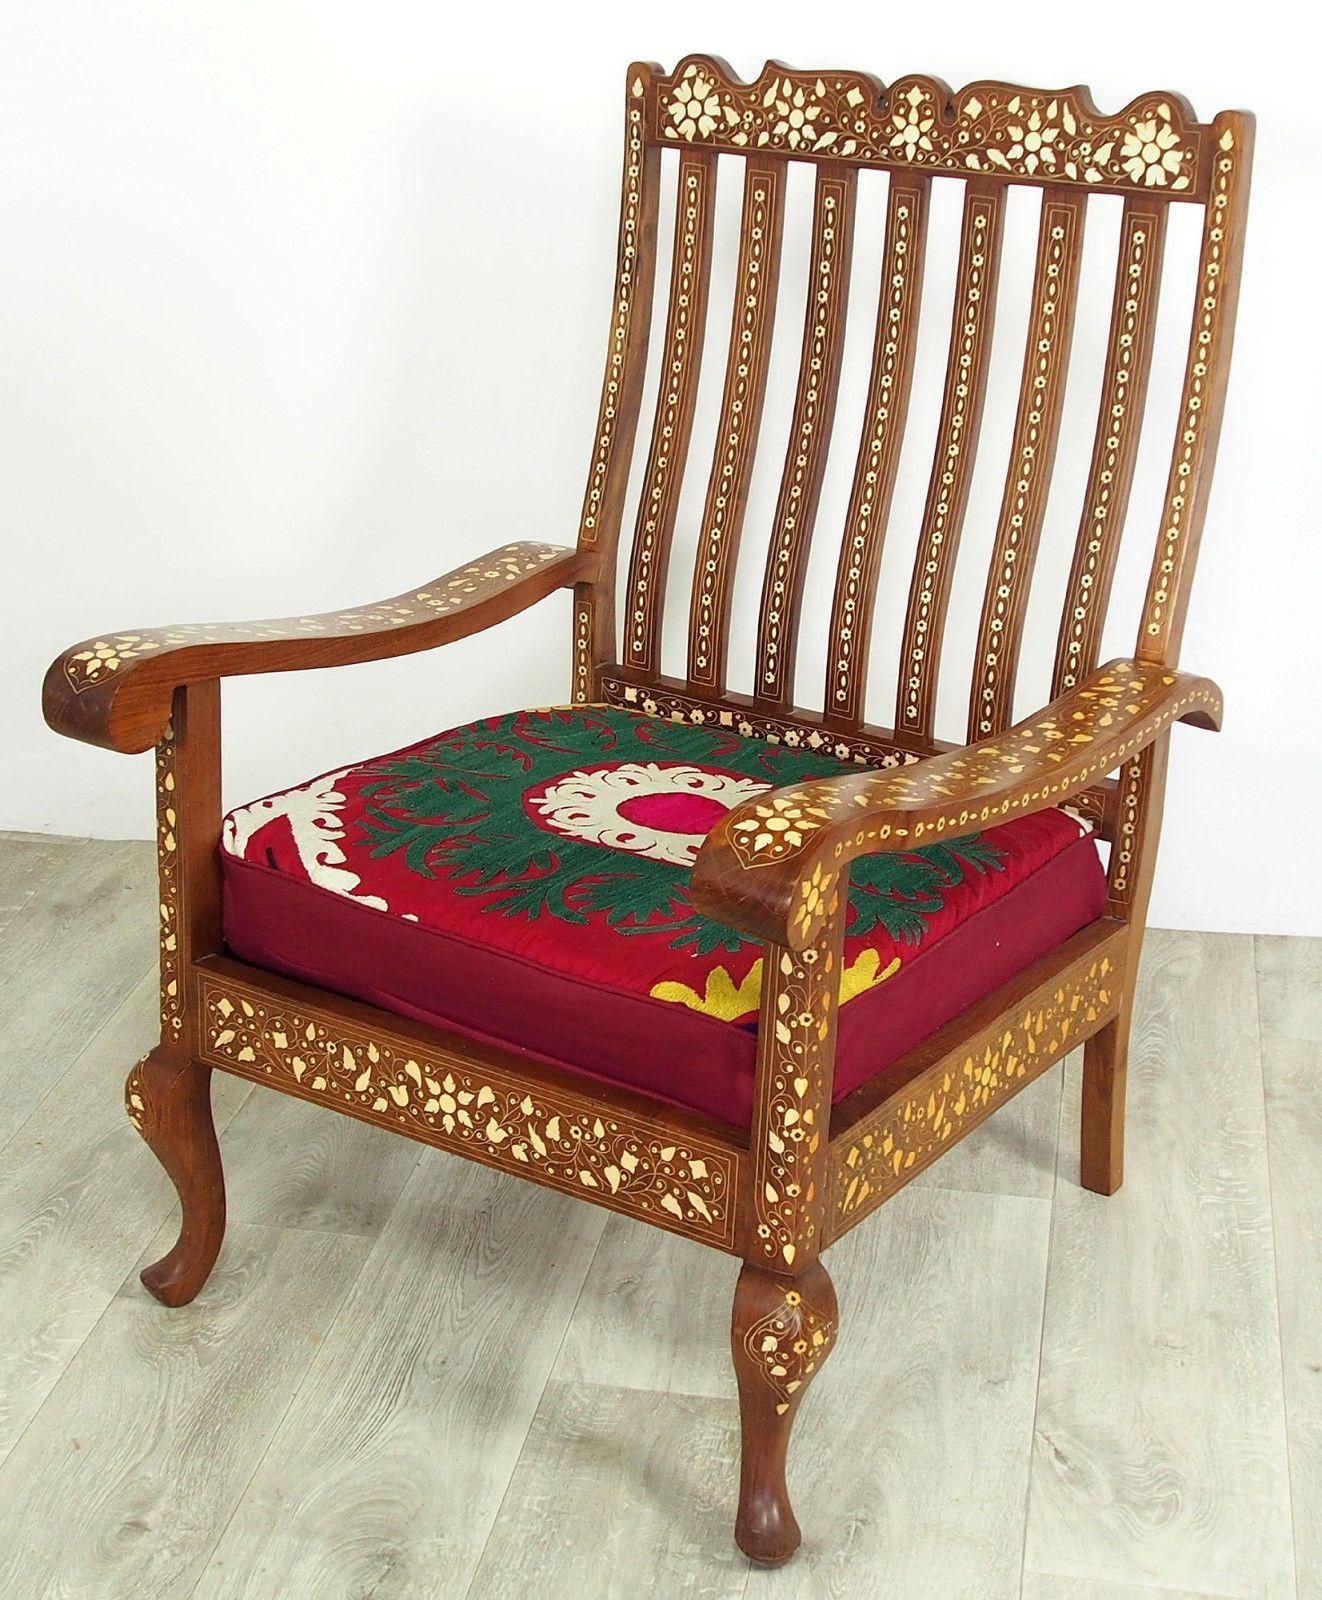 Blickfang Couchgarnitur Mit Sessel Beste Wahl Antik 3-teilige Galleryn Anglo Couch Garnitur Sofagarnitur